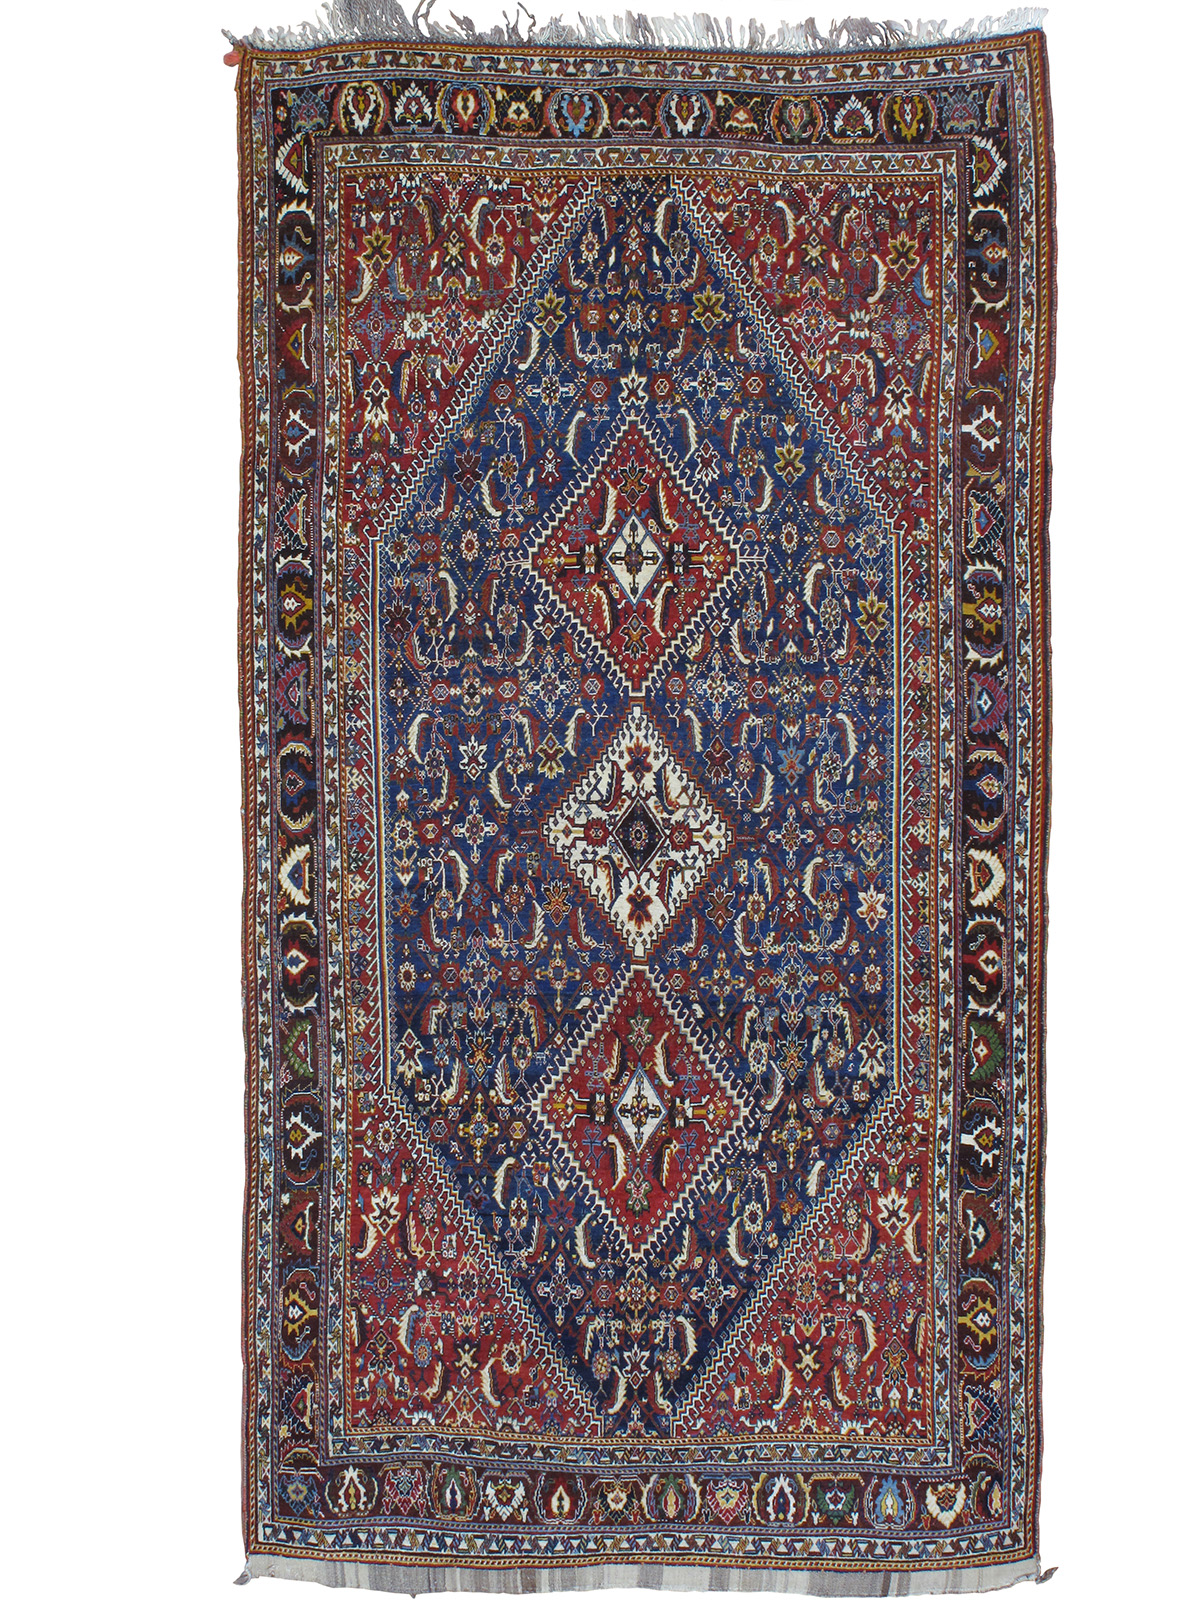 Antique Qashqai Rug